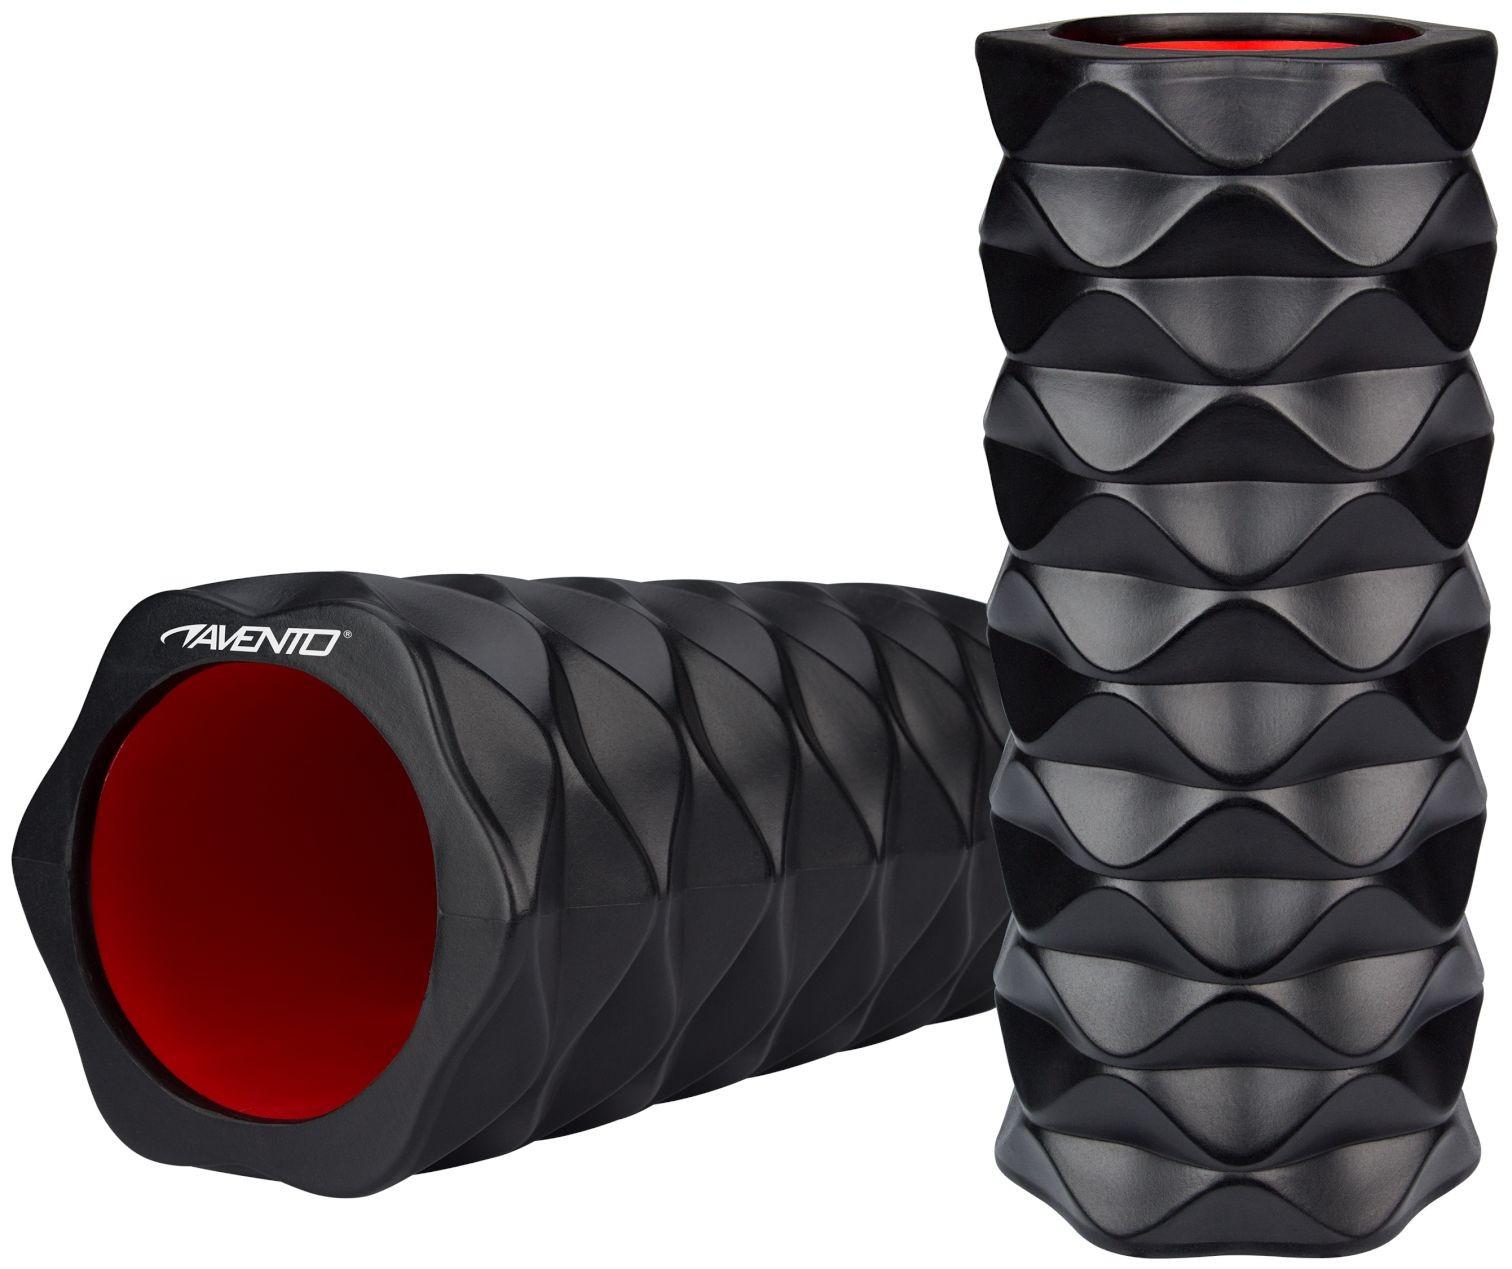 AVENTO Massage Roller Grid Foam 41WR